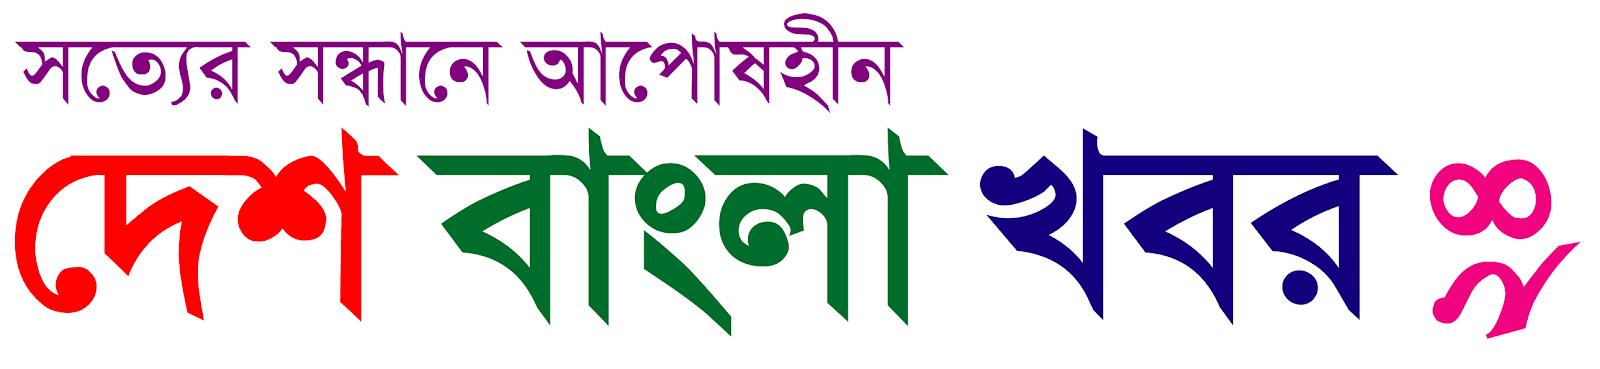 DeshBanglaKhobor24